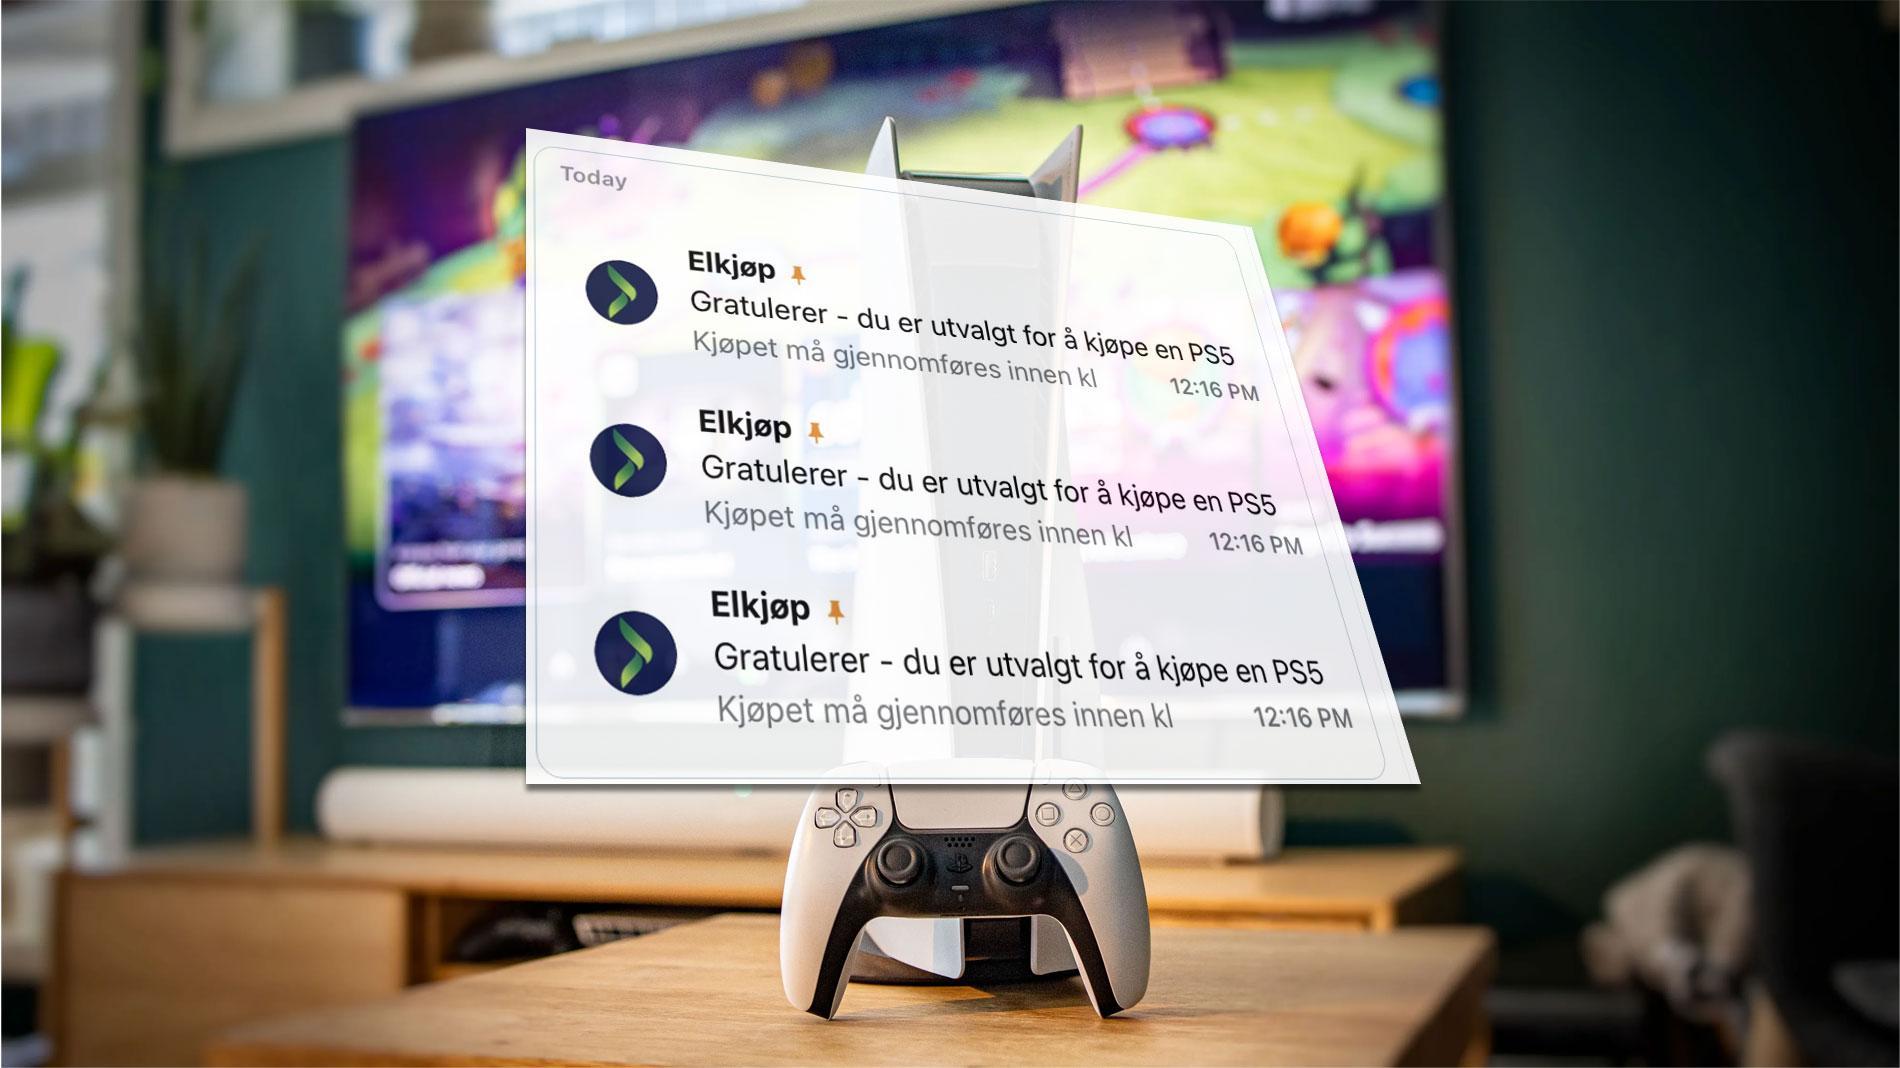 Butikkene om PS5-«scalpere»: – Ordrene blir kansellert og ikke utlevert